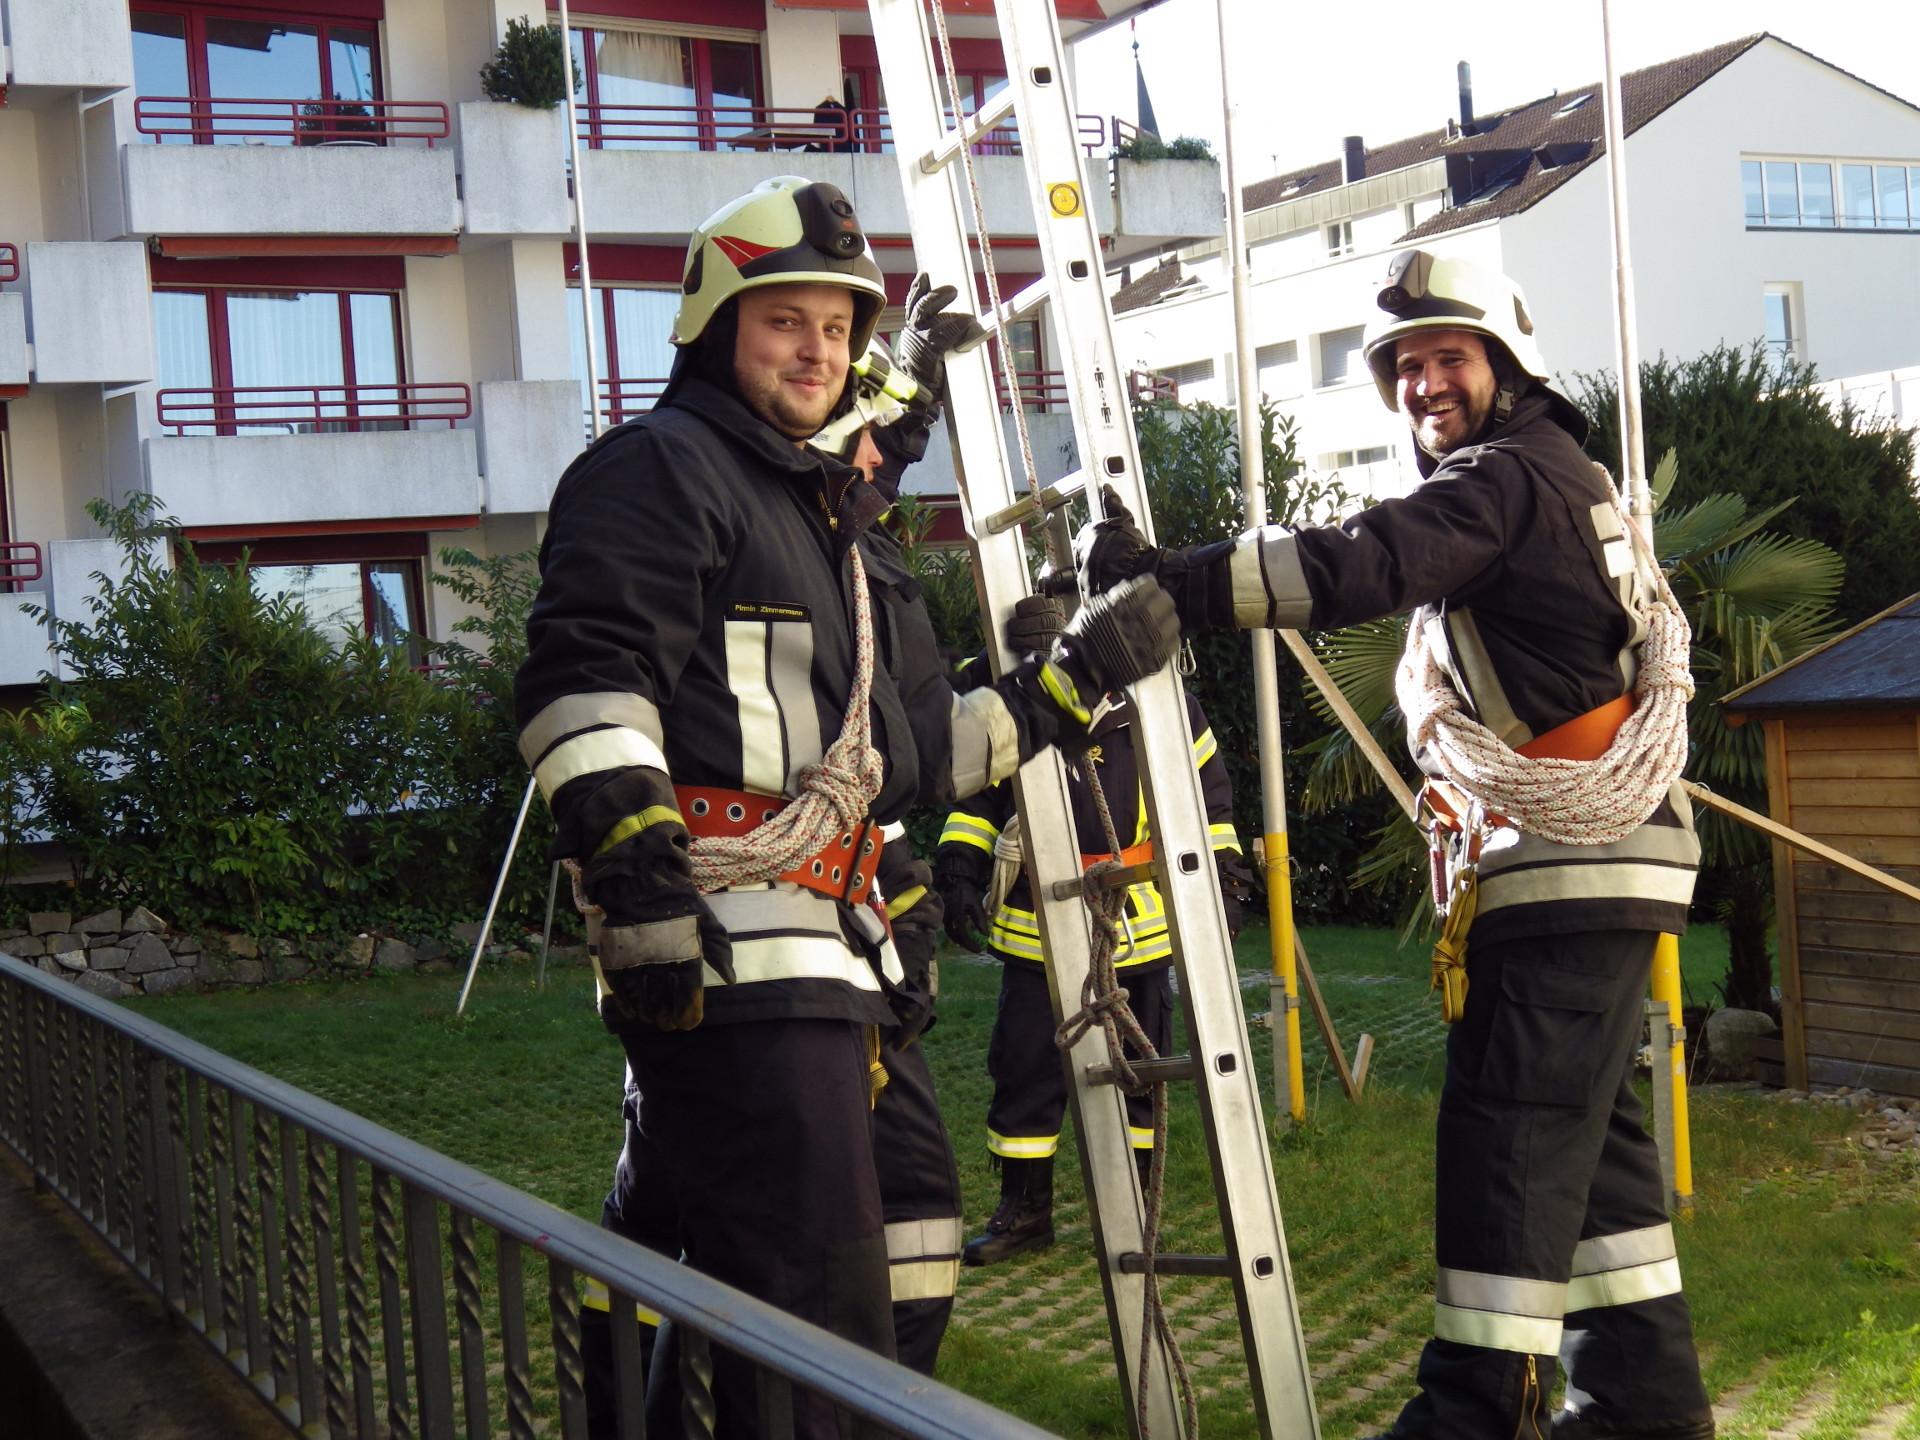 Feuerwehr der Seegmeinden